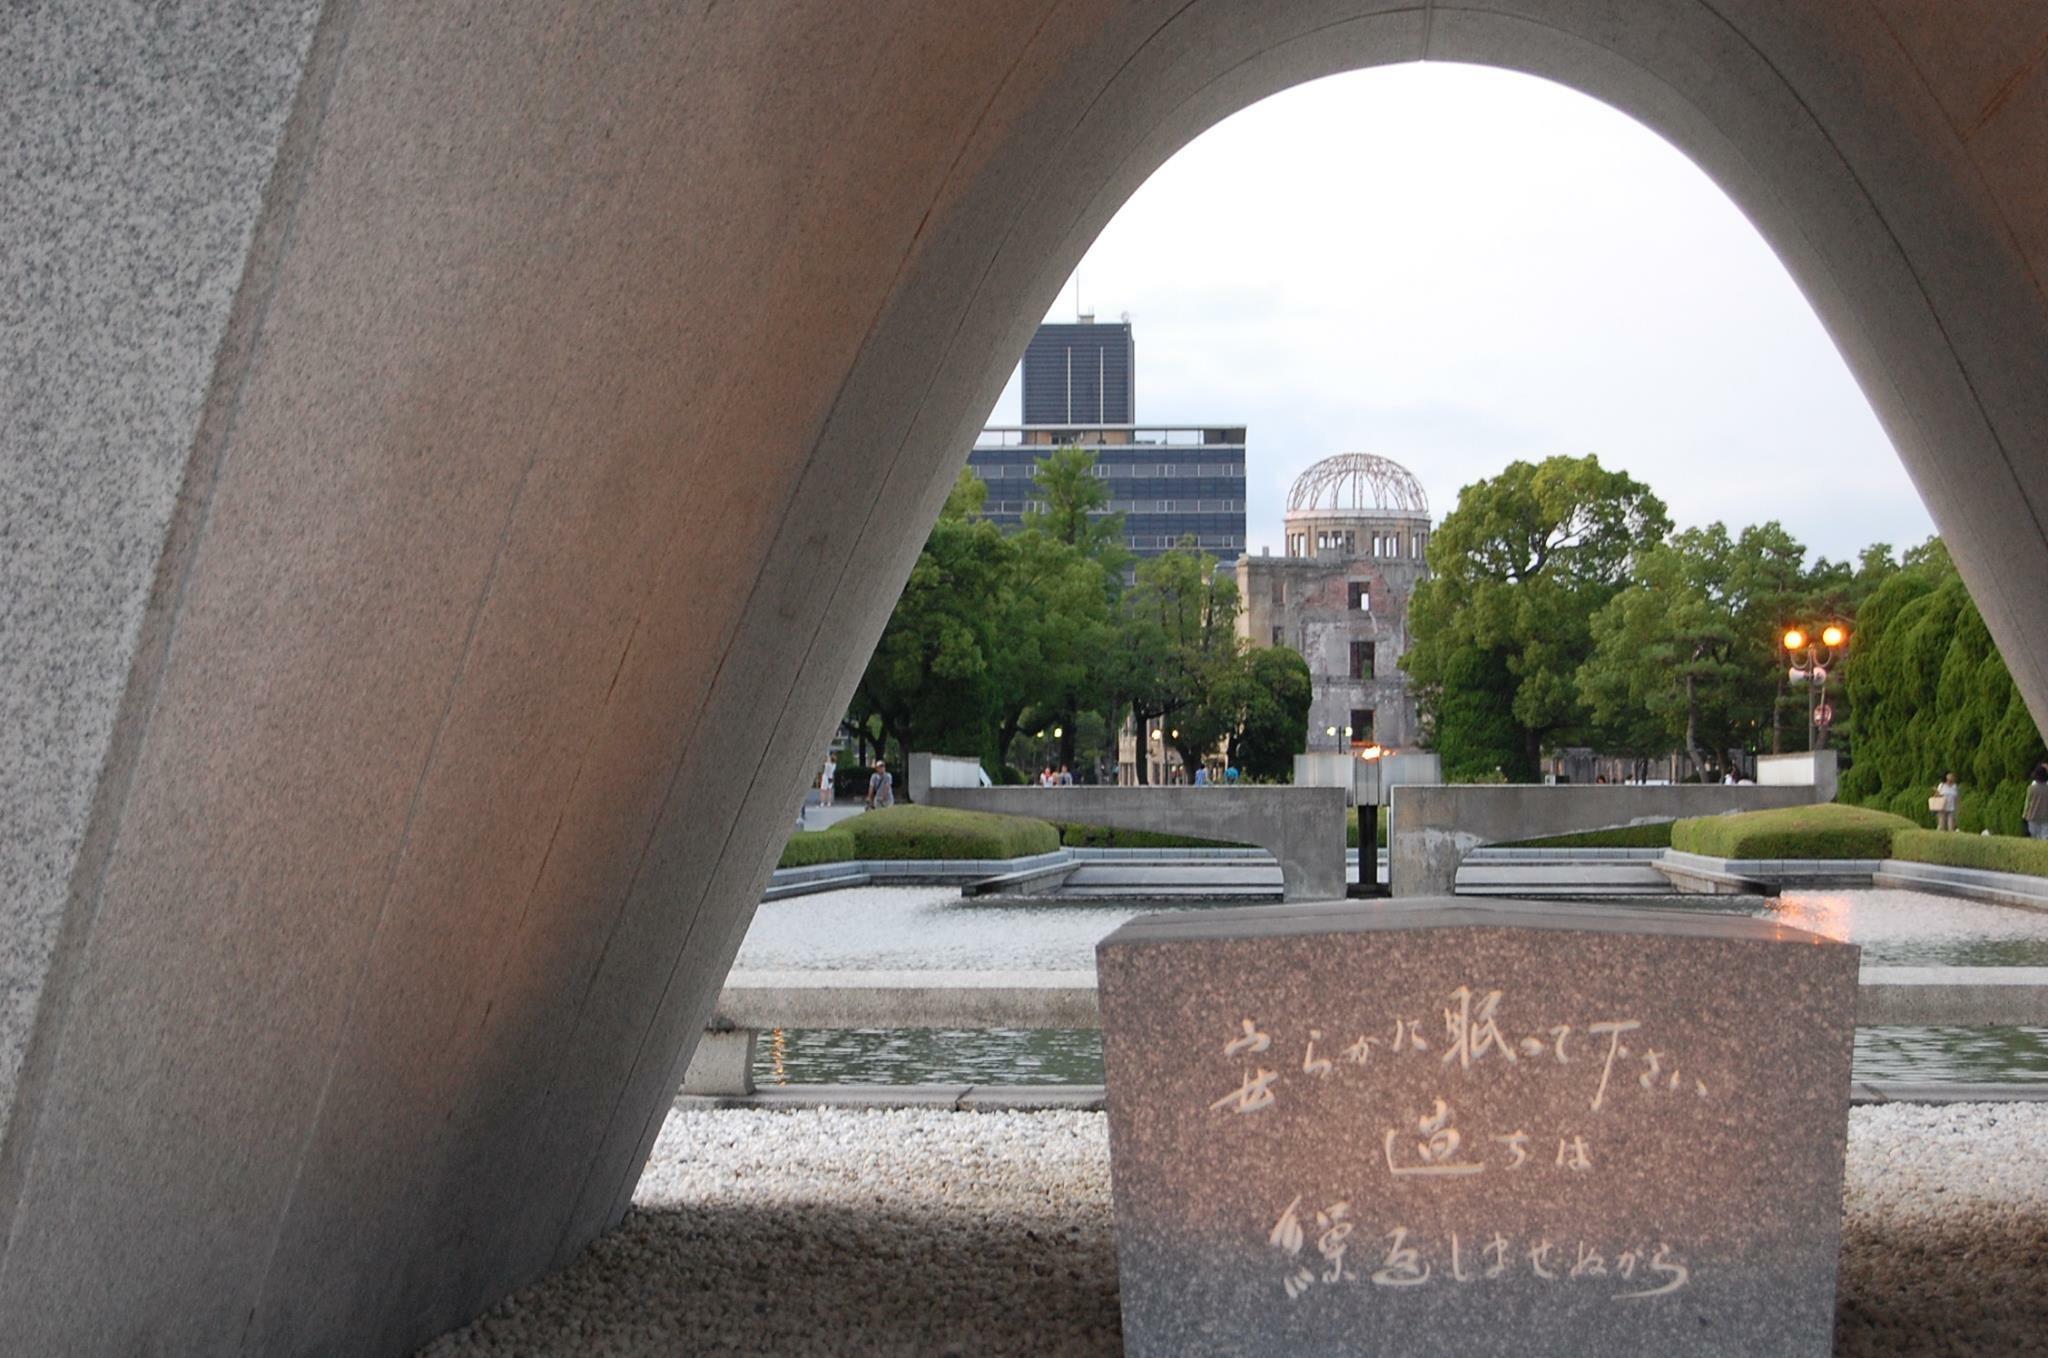 CITTÀ DI HIROSHIMA – LETTERA DI PROTESTA – 6 GENNAIO 2016